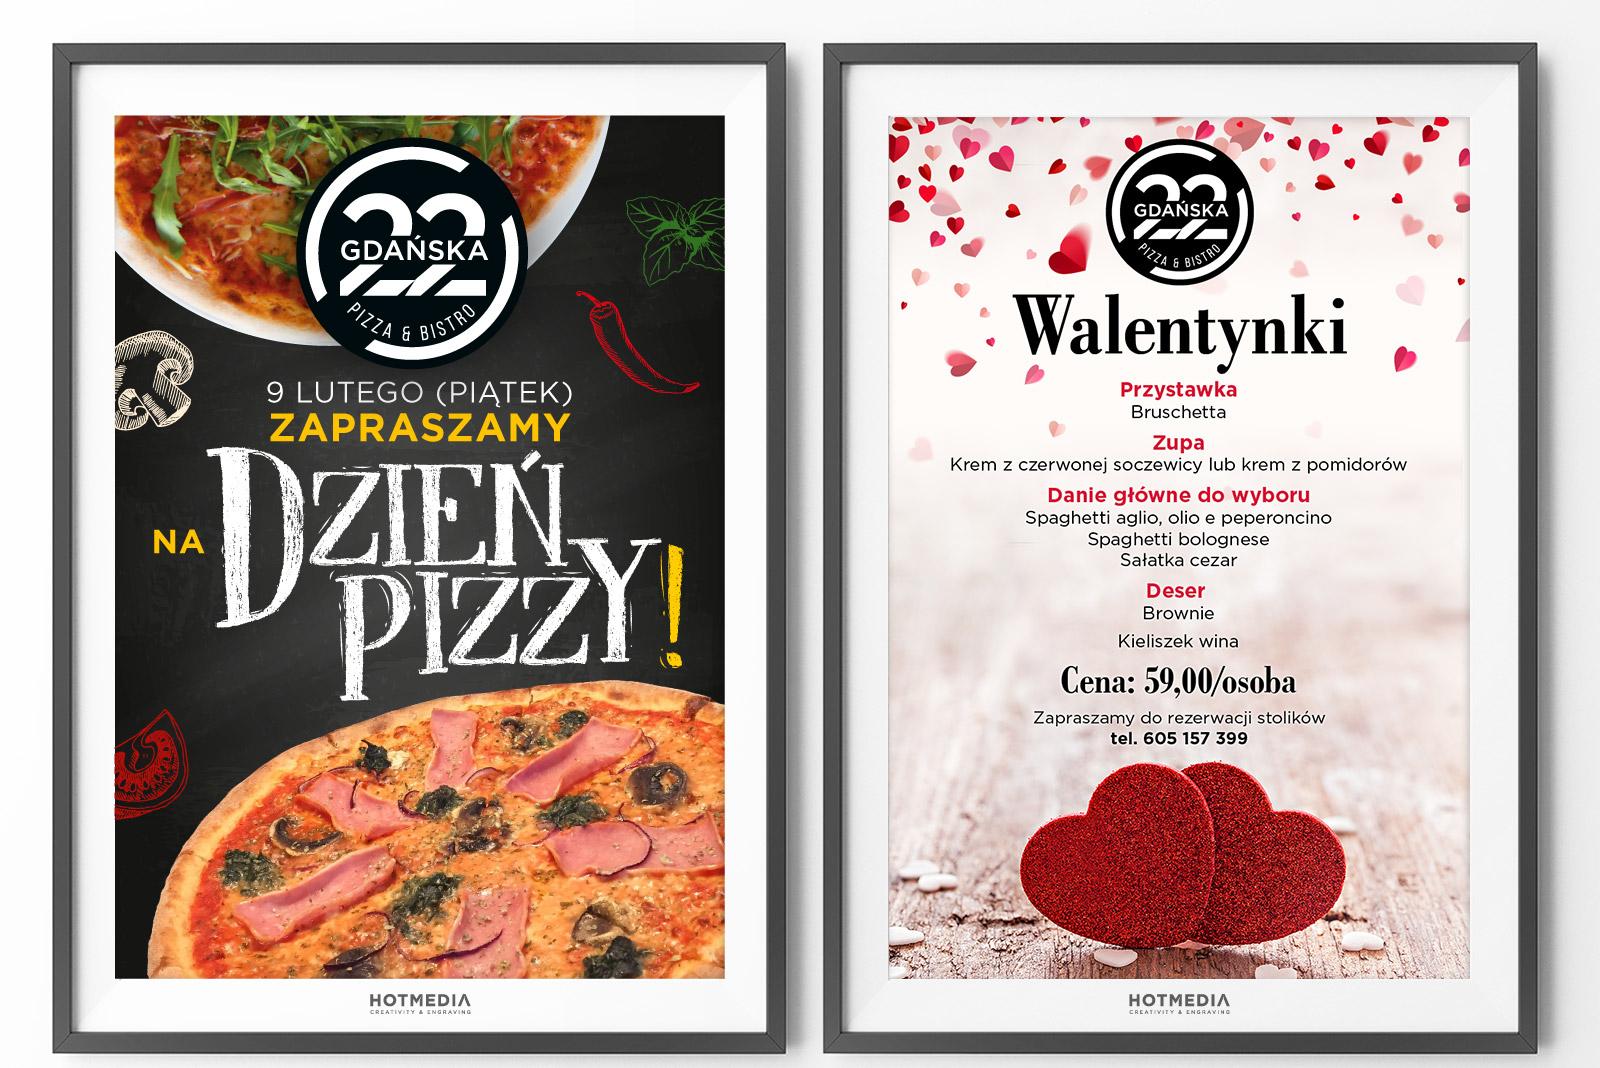 plakaty_gdanska